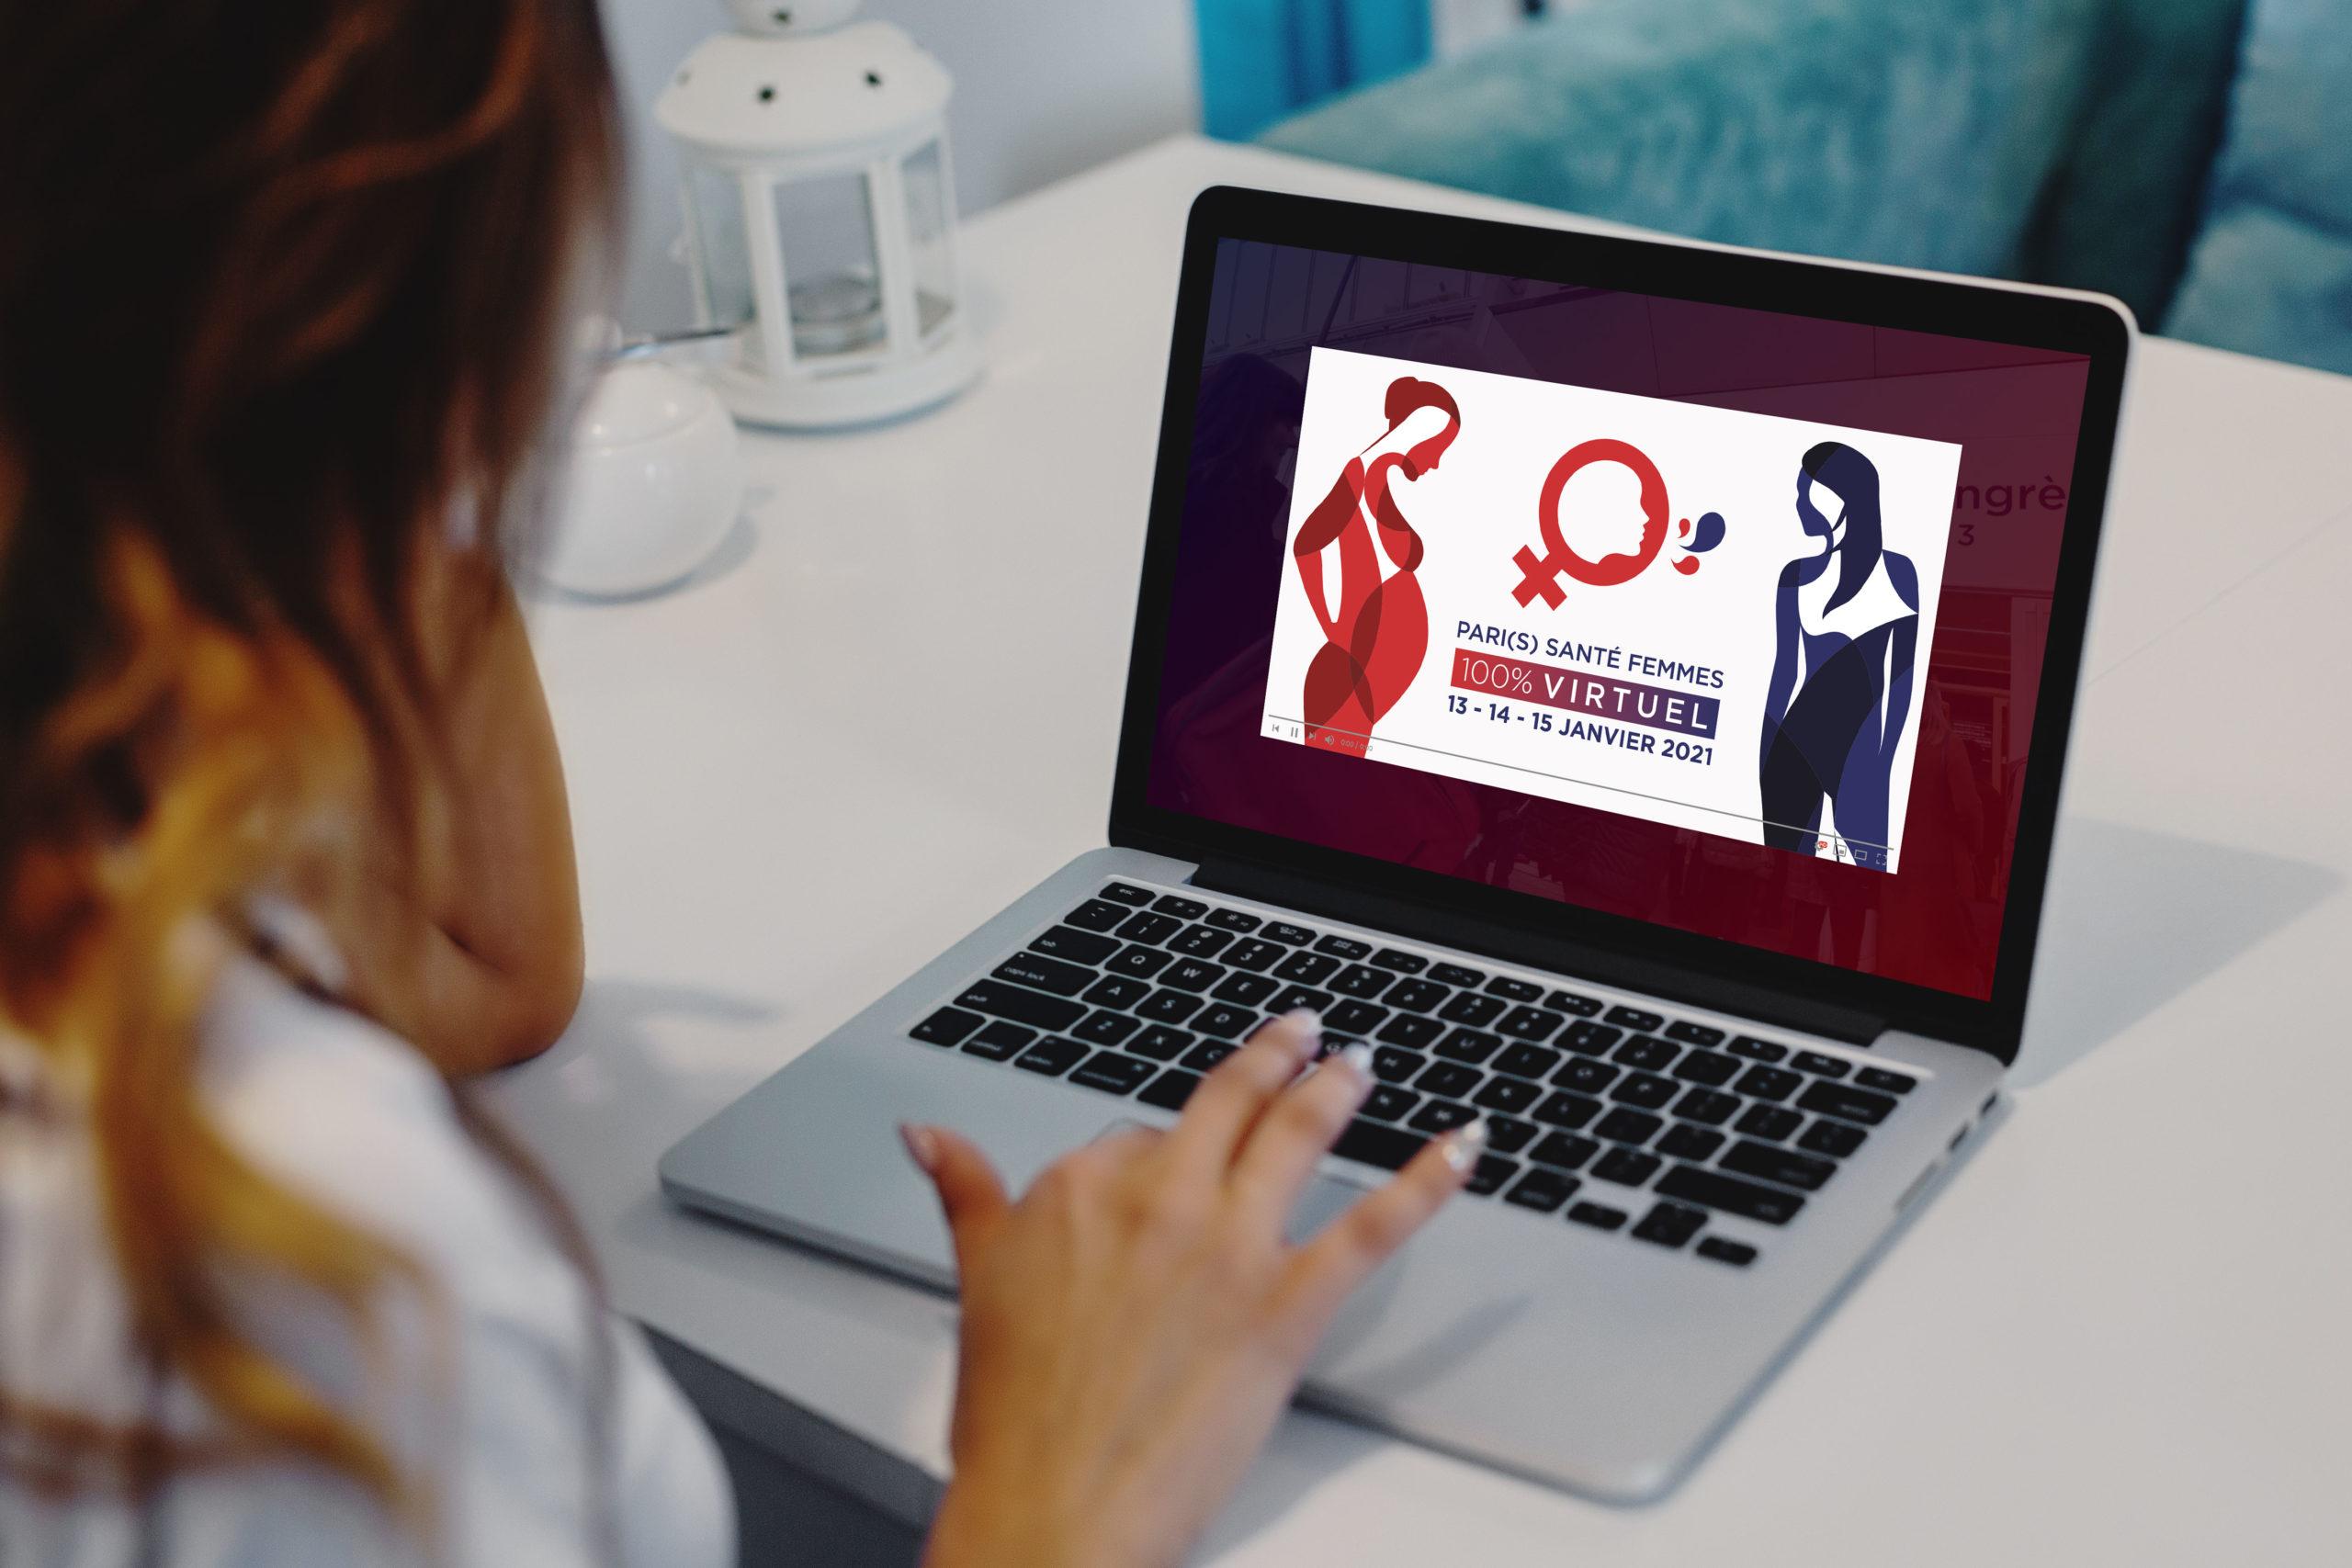 Paris(s) Santé Femmes s'adapte et continue en 2021